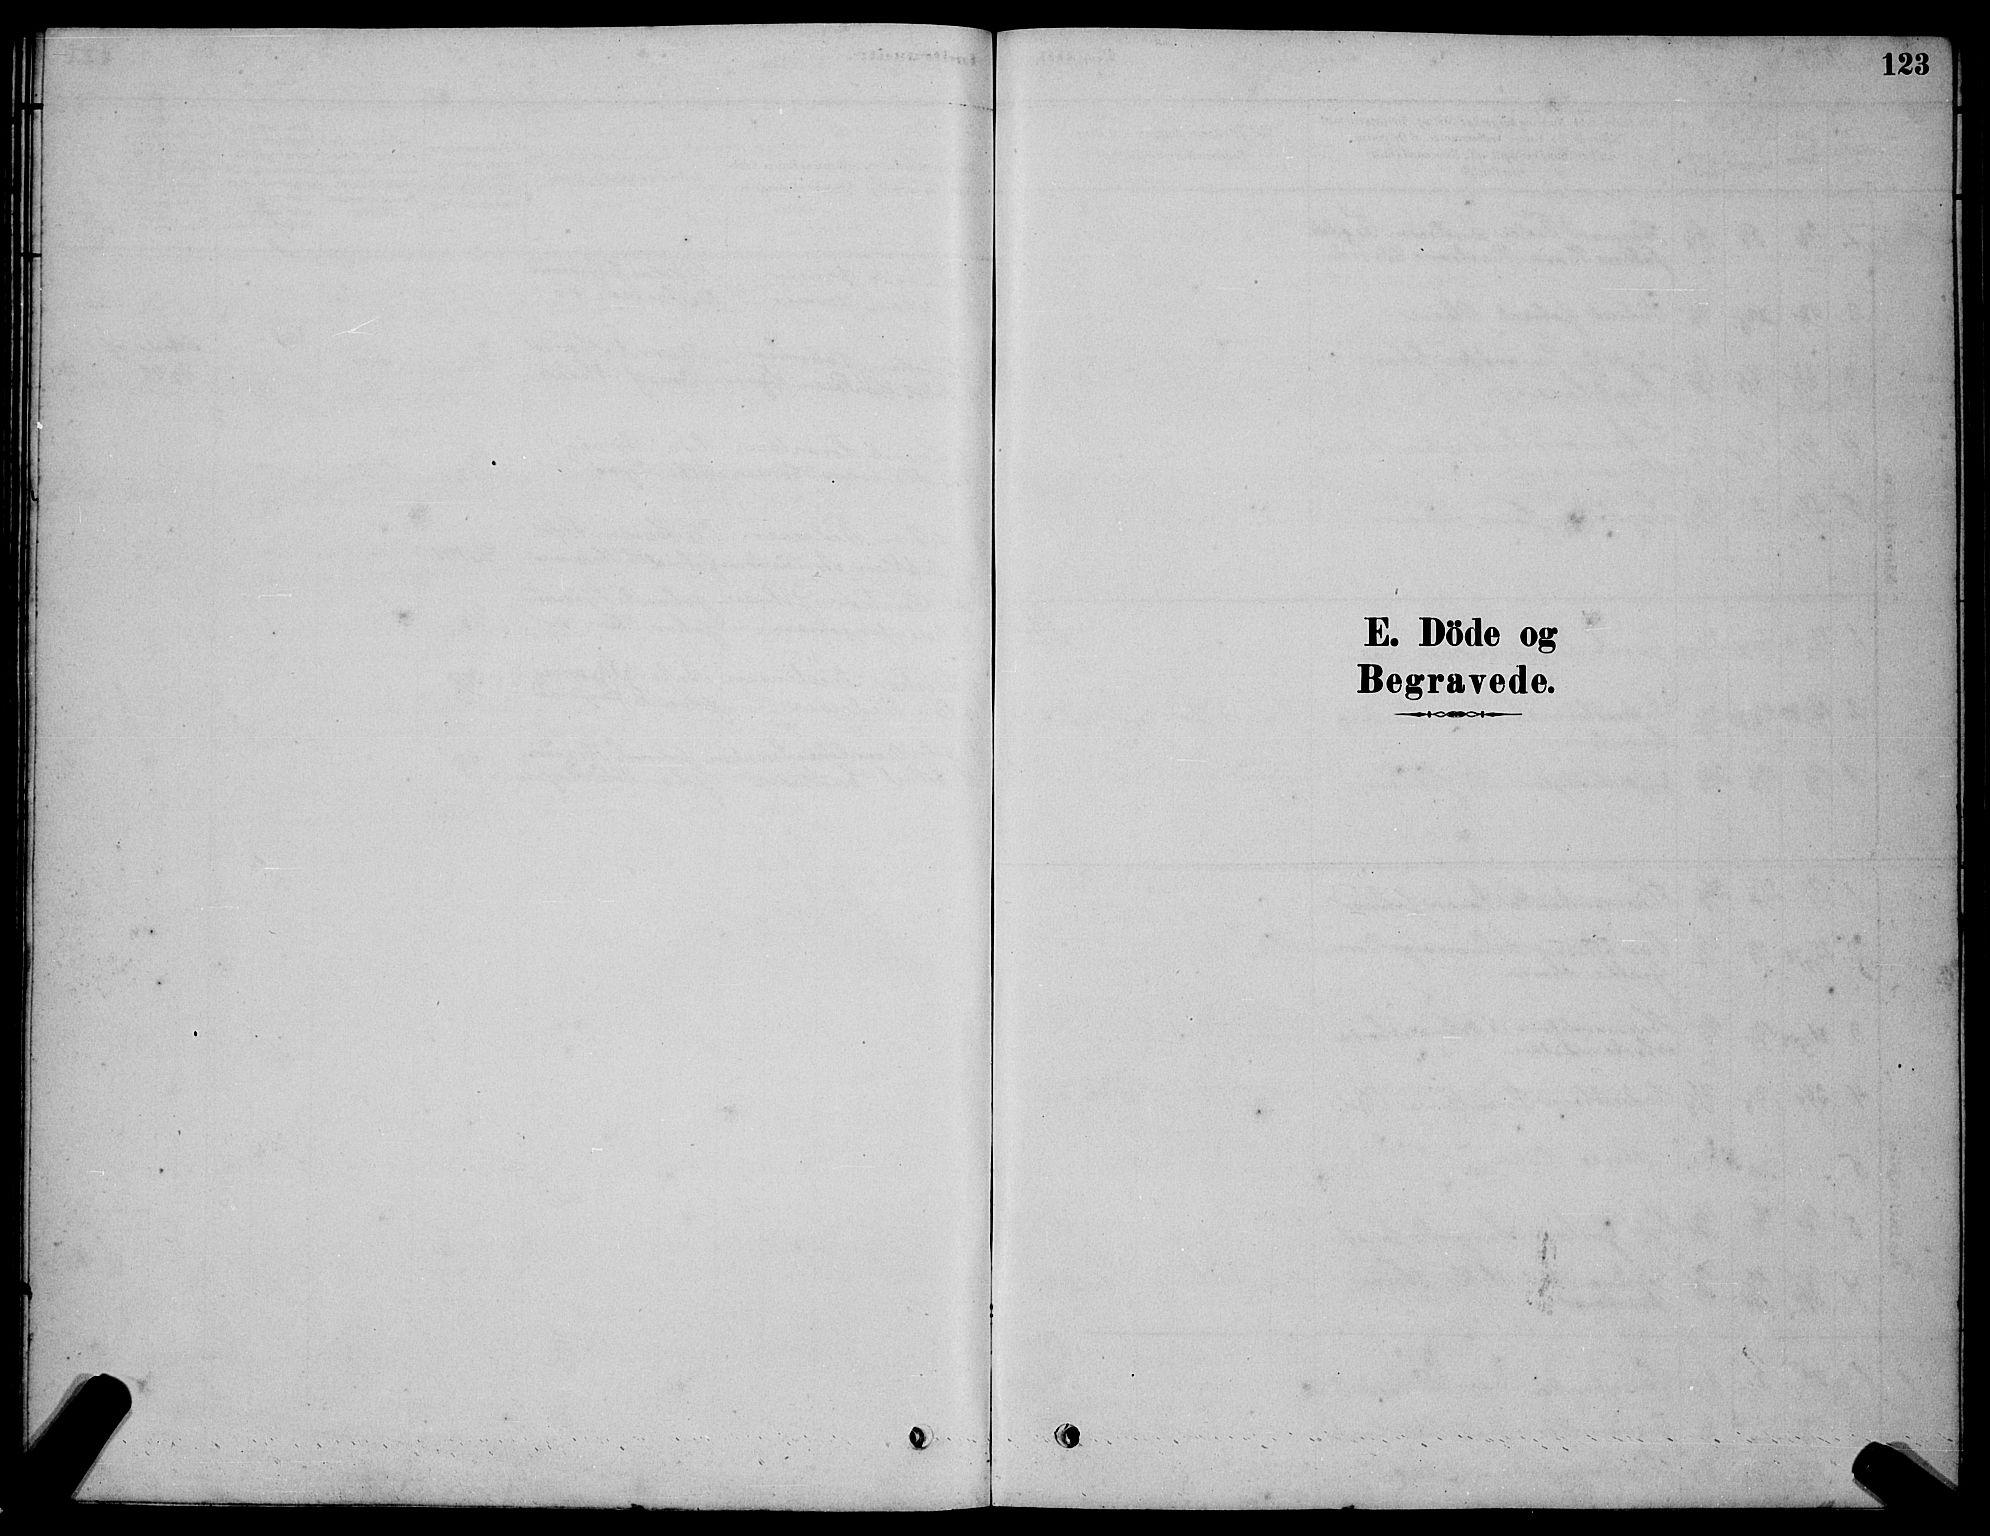 SAT, Ministerialprotokoller, klokkerbøker og fødselsregistre - Sør-Trøndelag, 654/L0665: Klokkerbok nr. 654C01, 1879-1901, s. 123